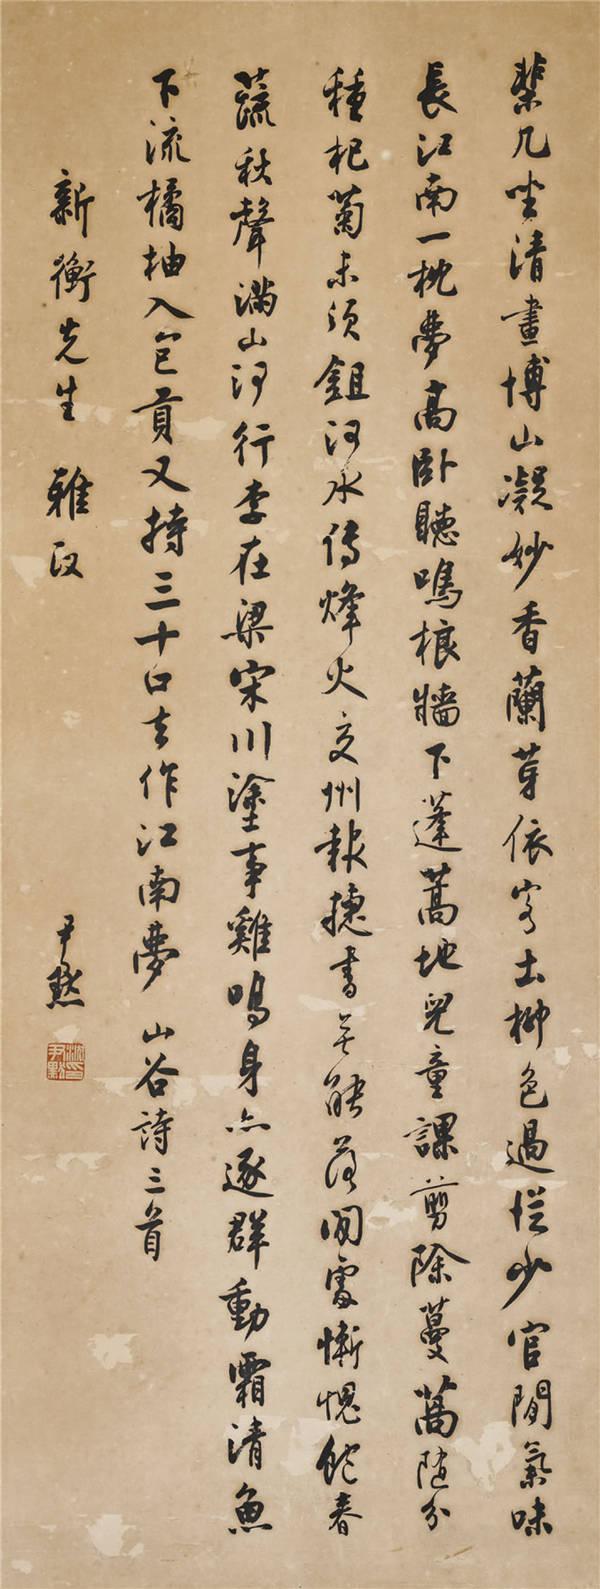 沈尹默(1887-1971)-书法 作品下载